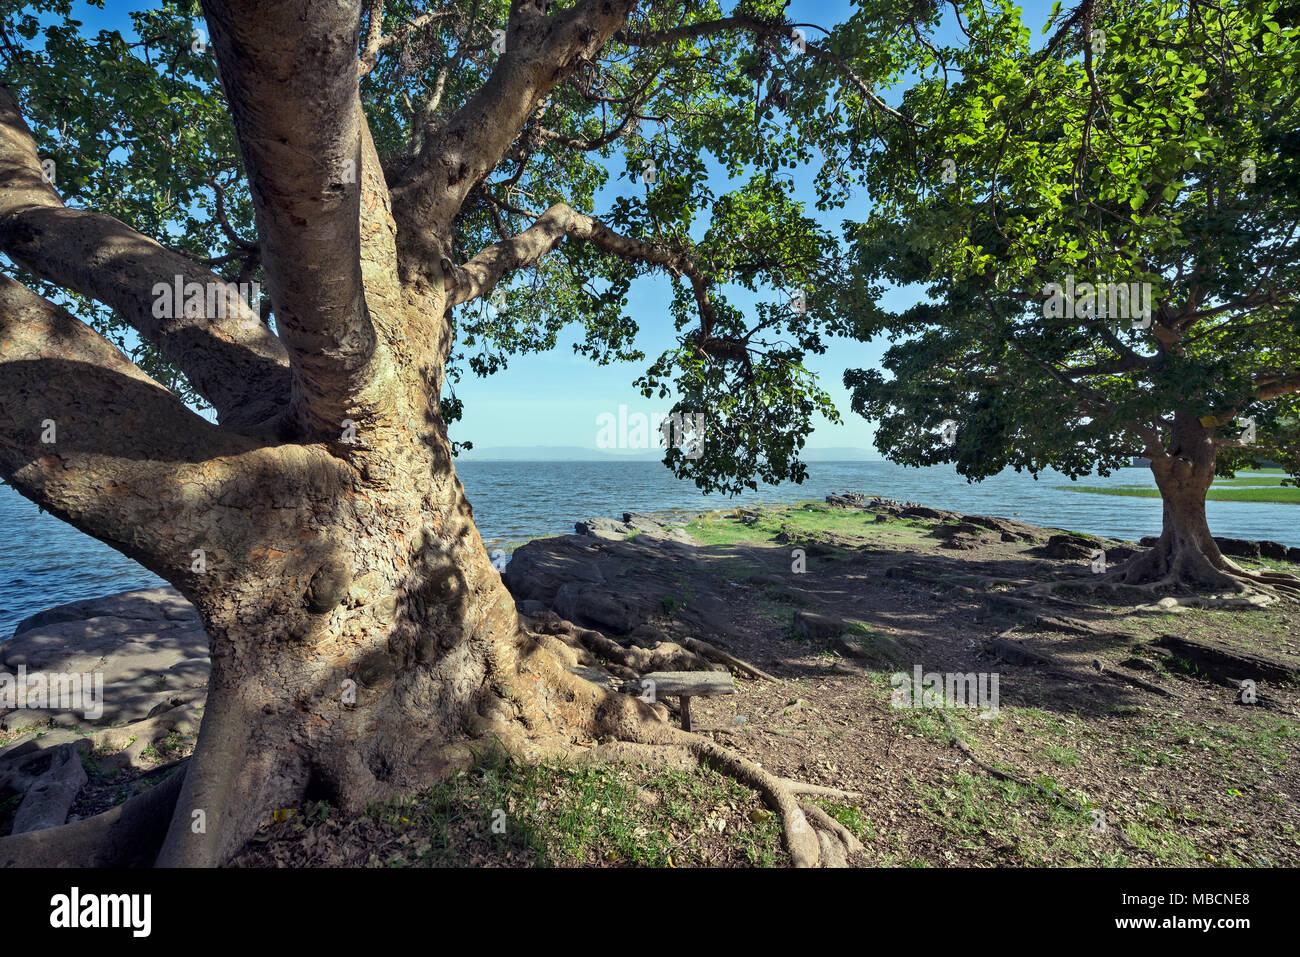 lake Awasa environment - Stock Image